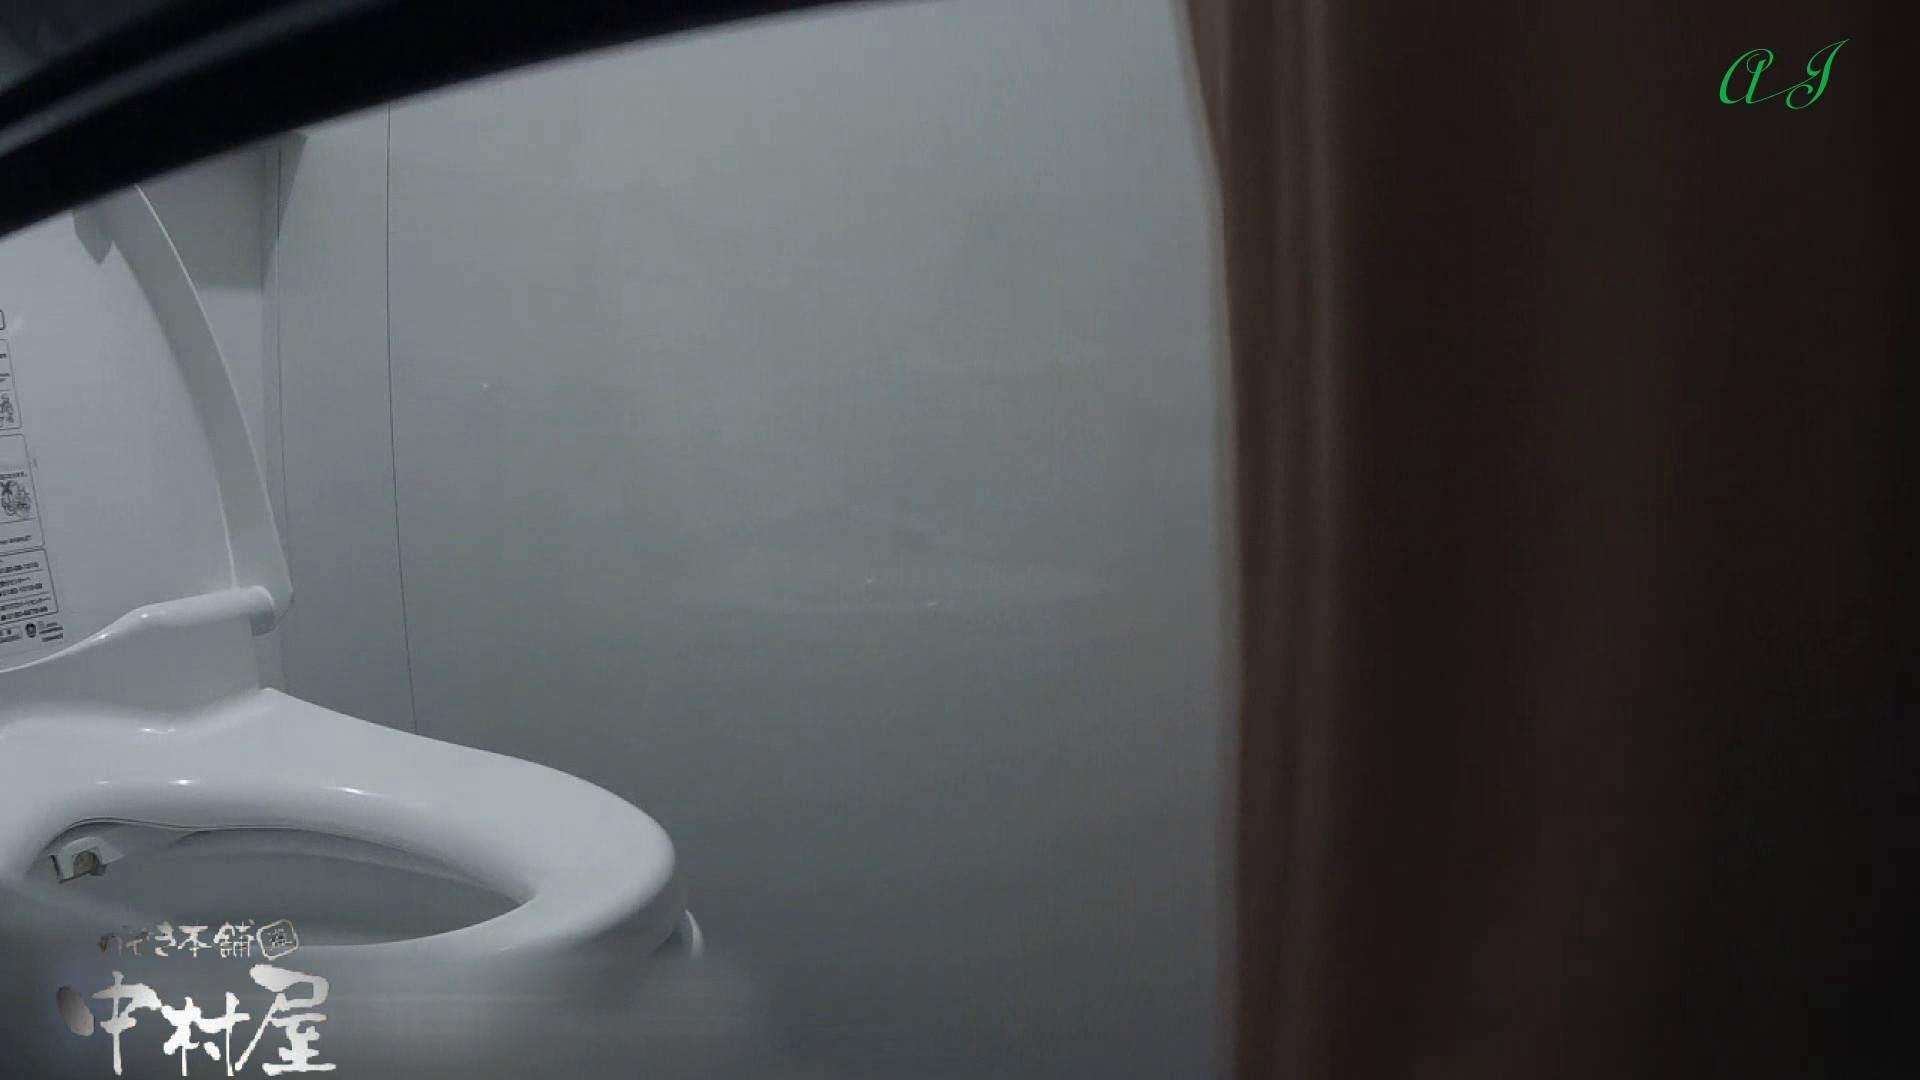 有名大学女性洗面所 vol.79 新アングル丸見え 前編 和式 盗み撮り動画キャプチャ 55枚 44